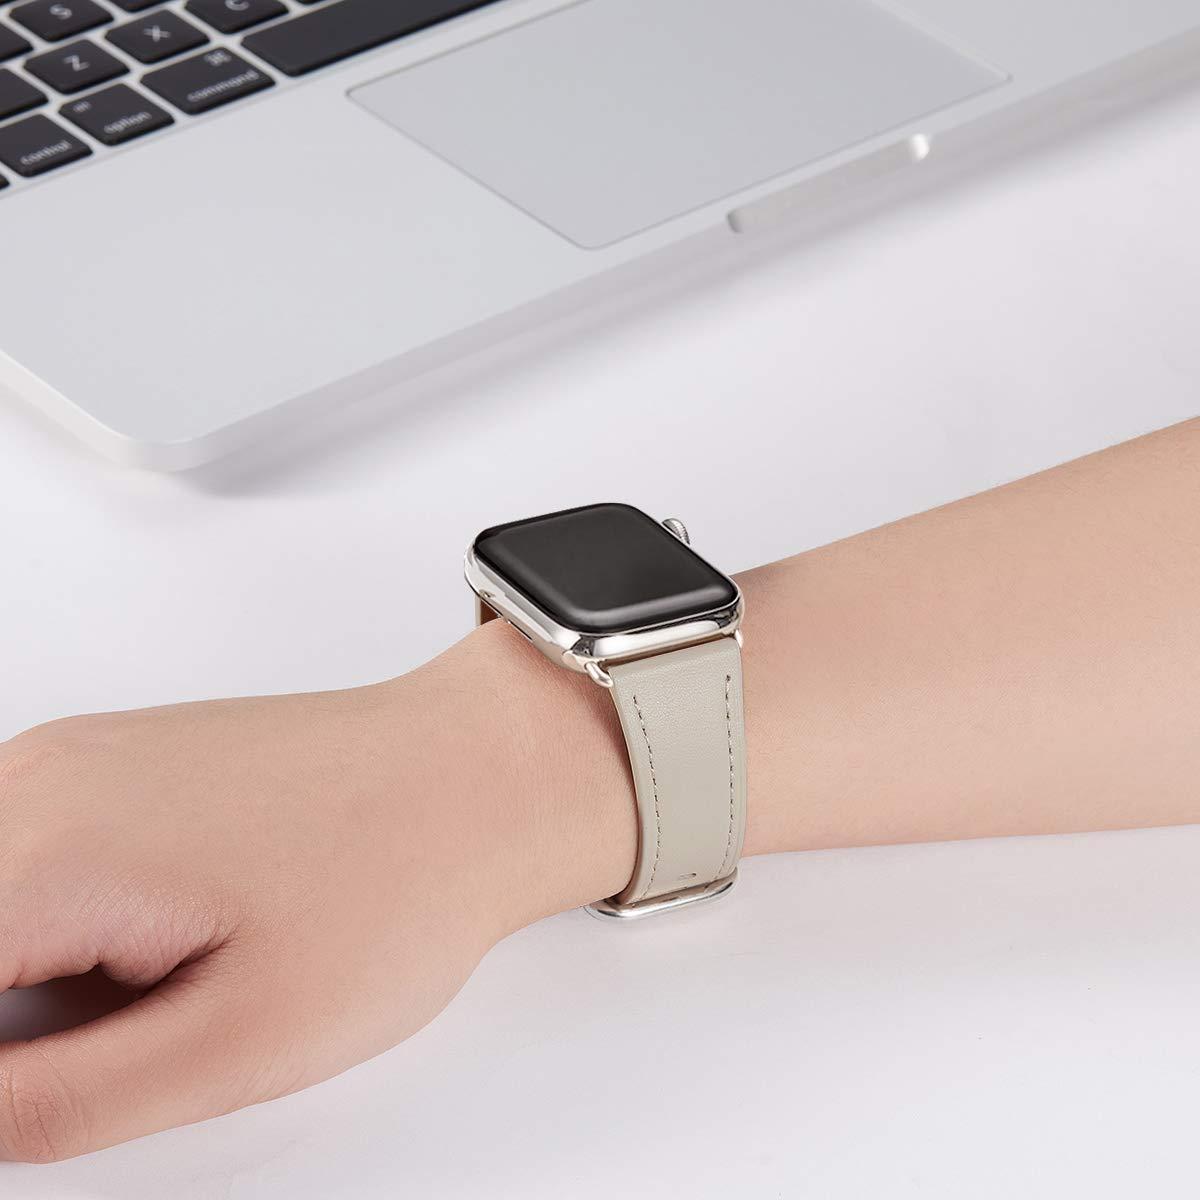 I migliori cinturini per Apple Watch di fine 2019